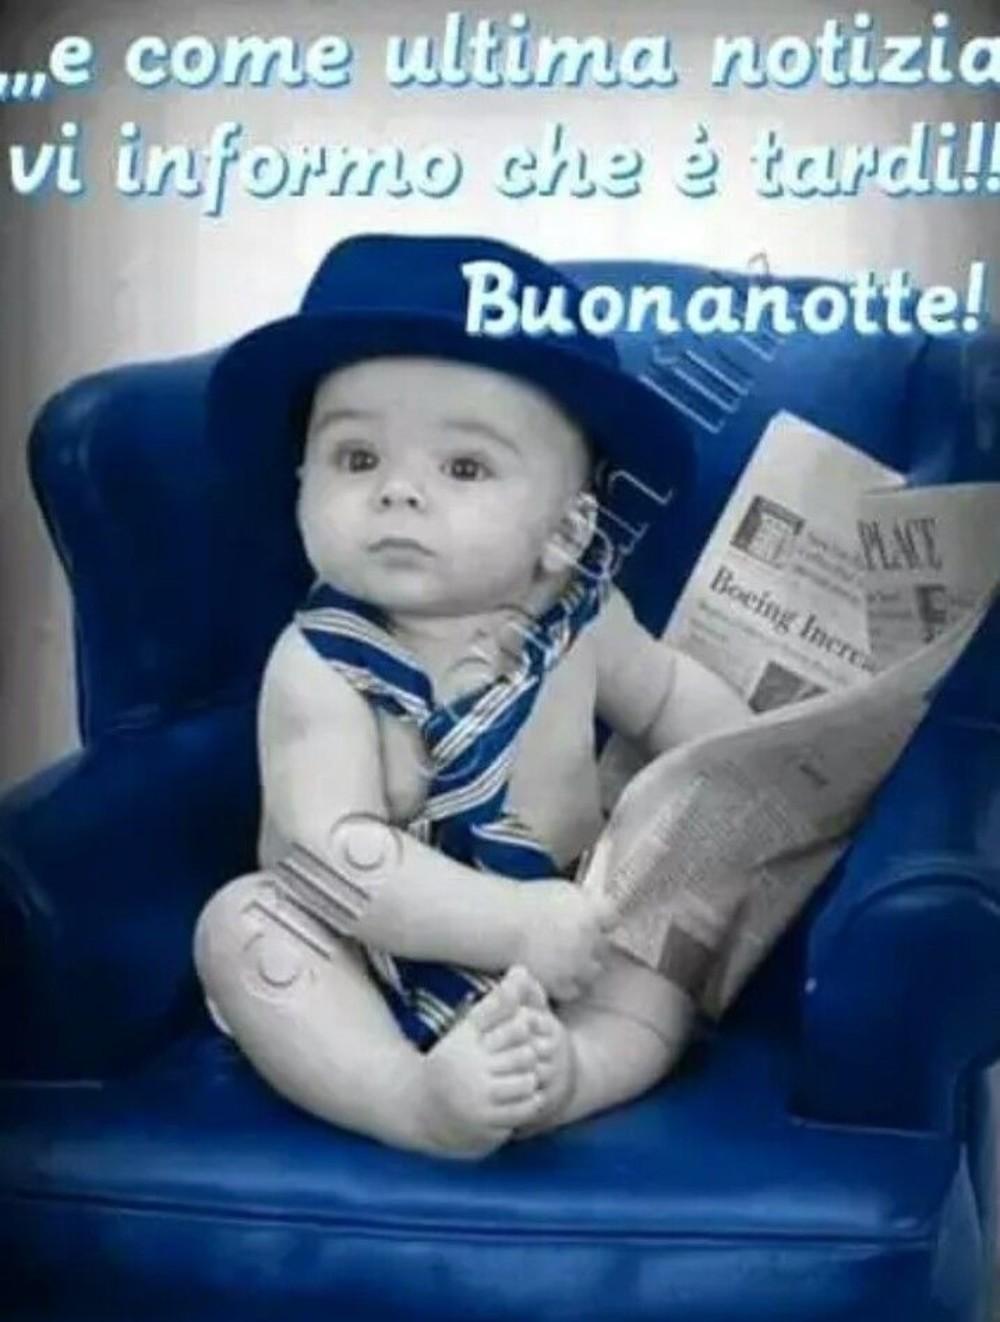 Belle Immagini Buonanotte Tenere Fotowhatsapp It